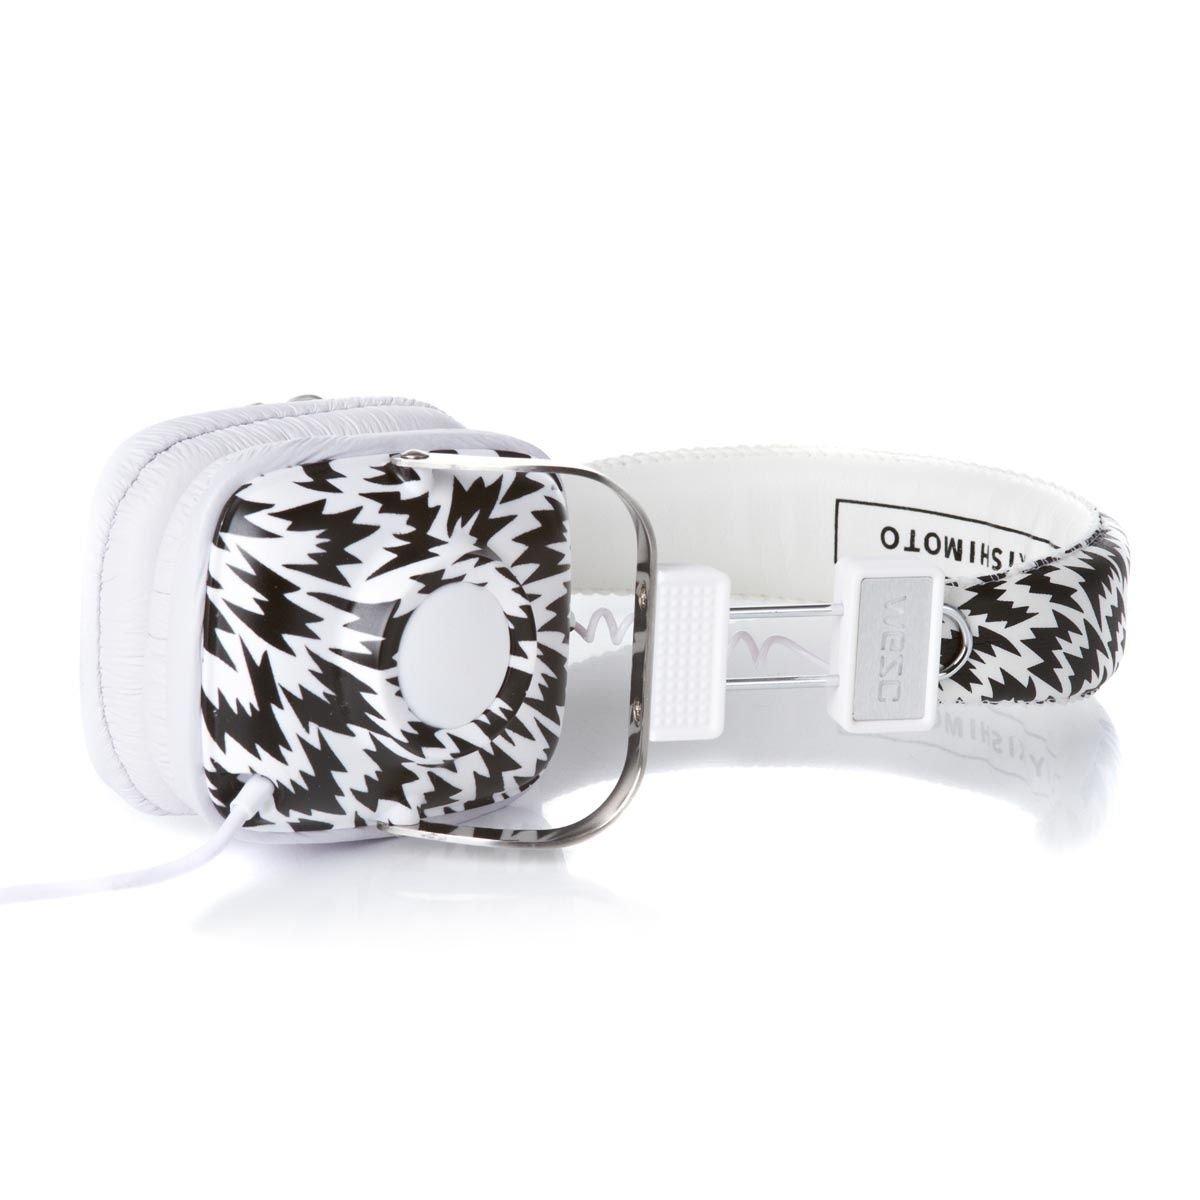 WESC Eley KISHIMOTO Marac c106112001000 casco estacionamiento blanco: Amazon.es: Electrónica